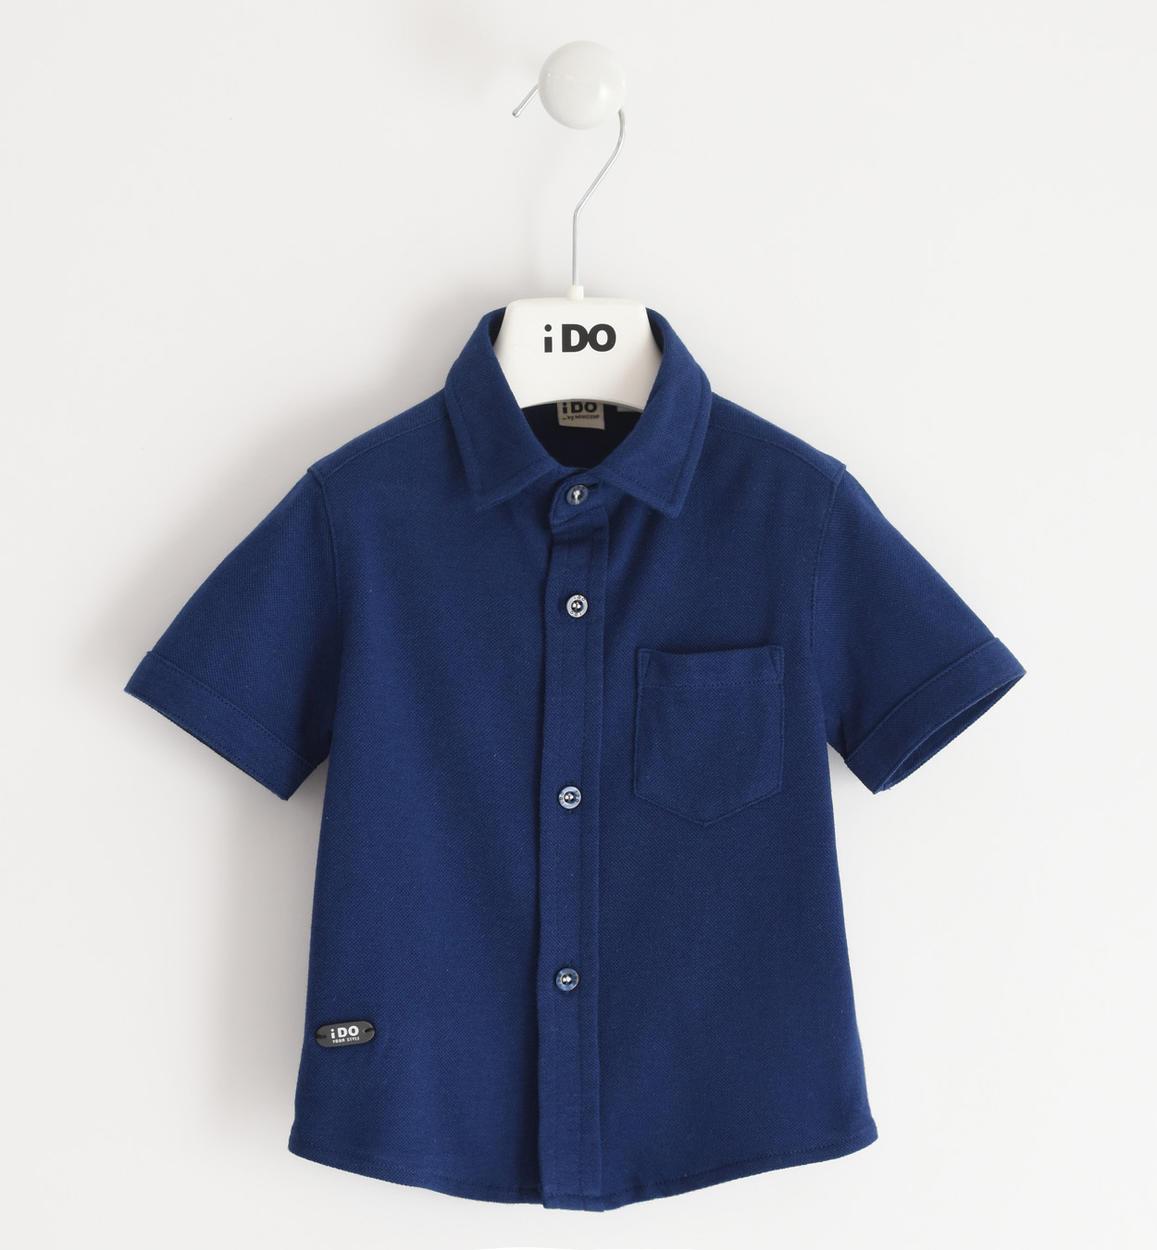 Rövid ujjú pamut kék ing